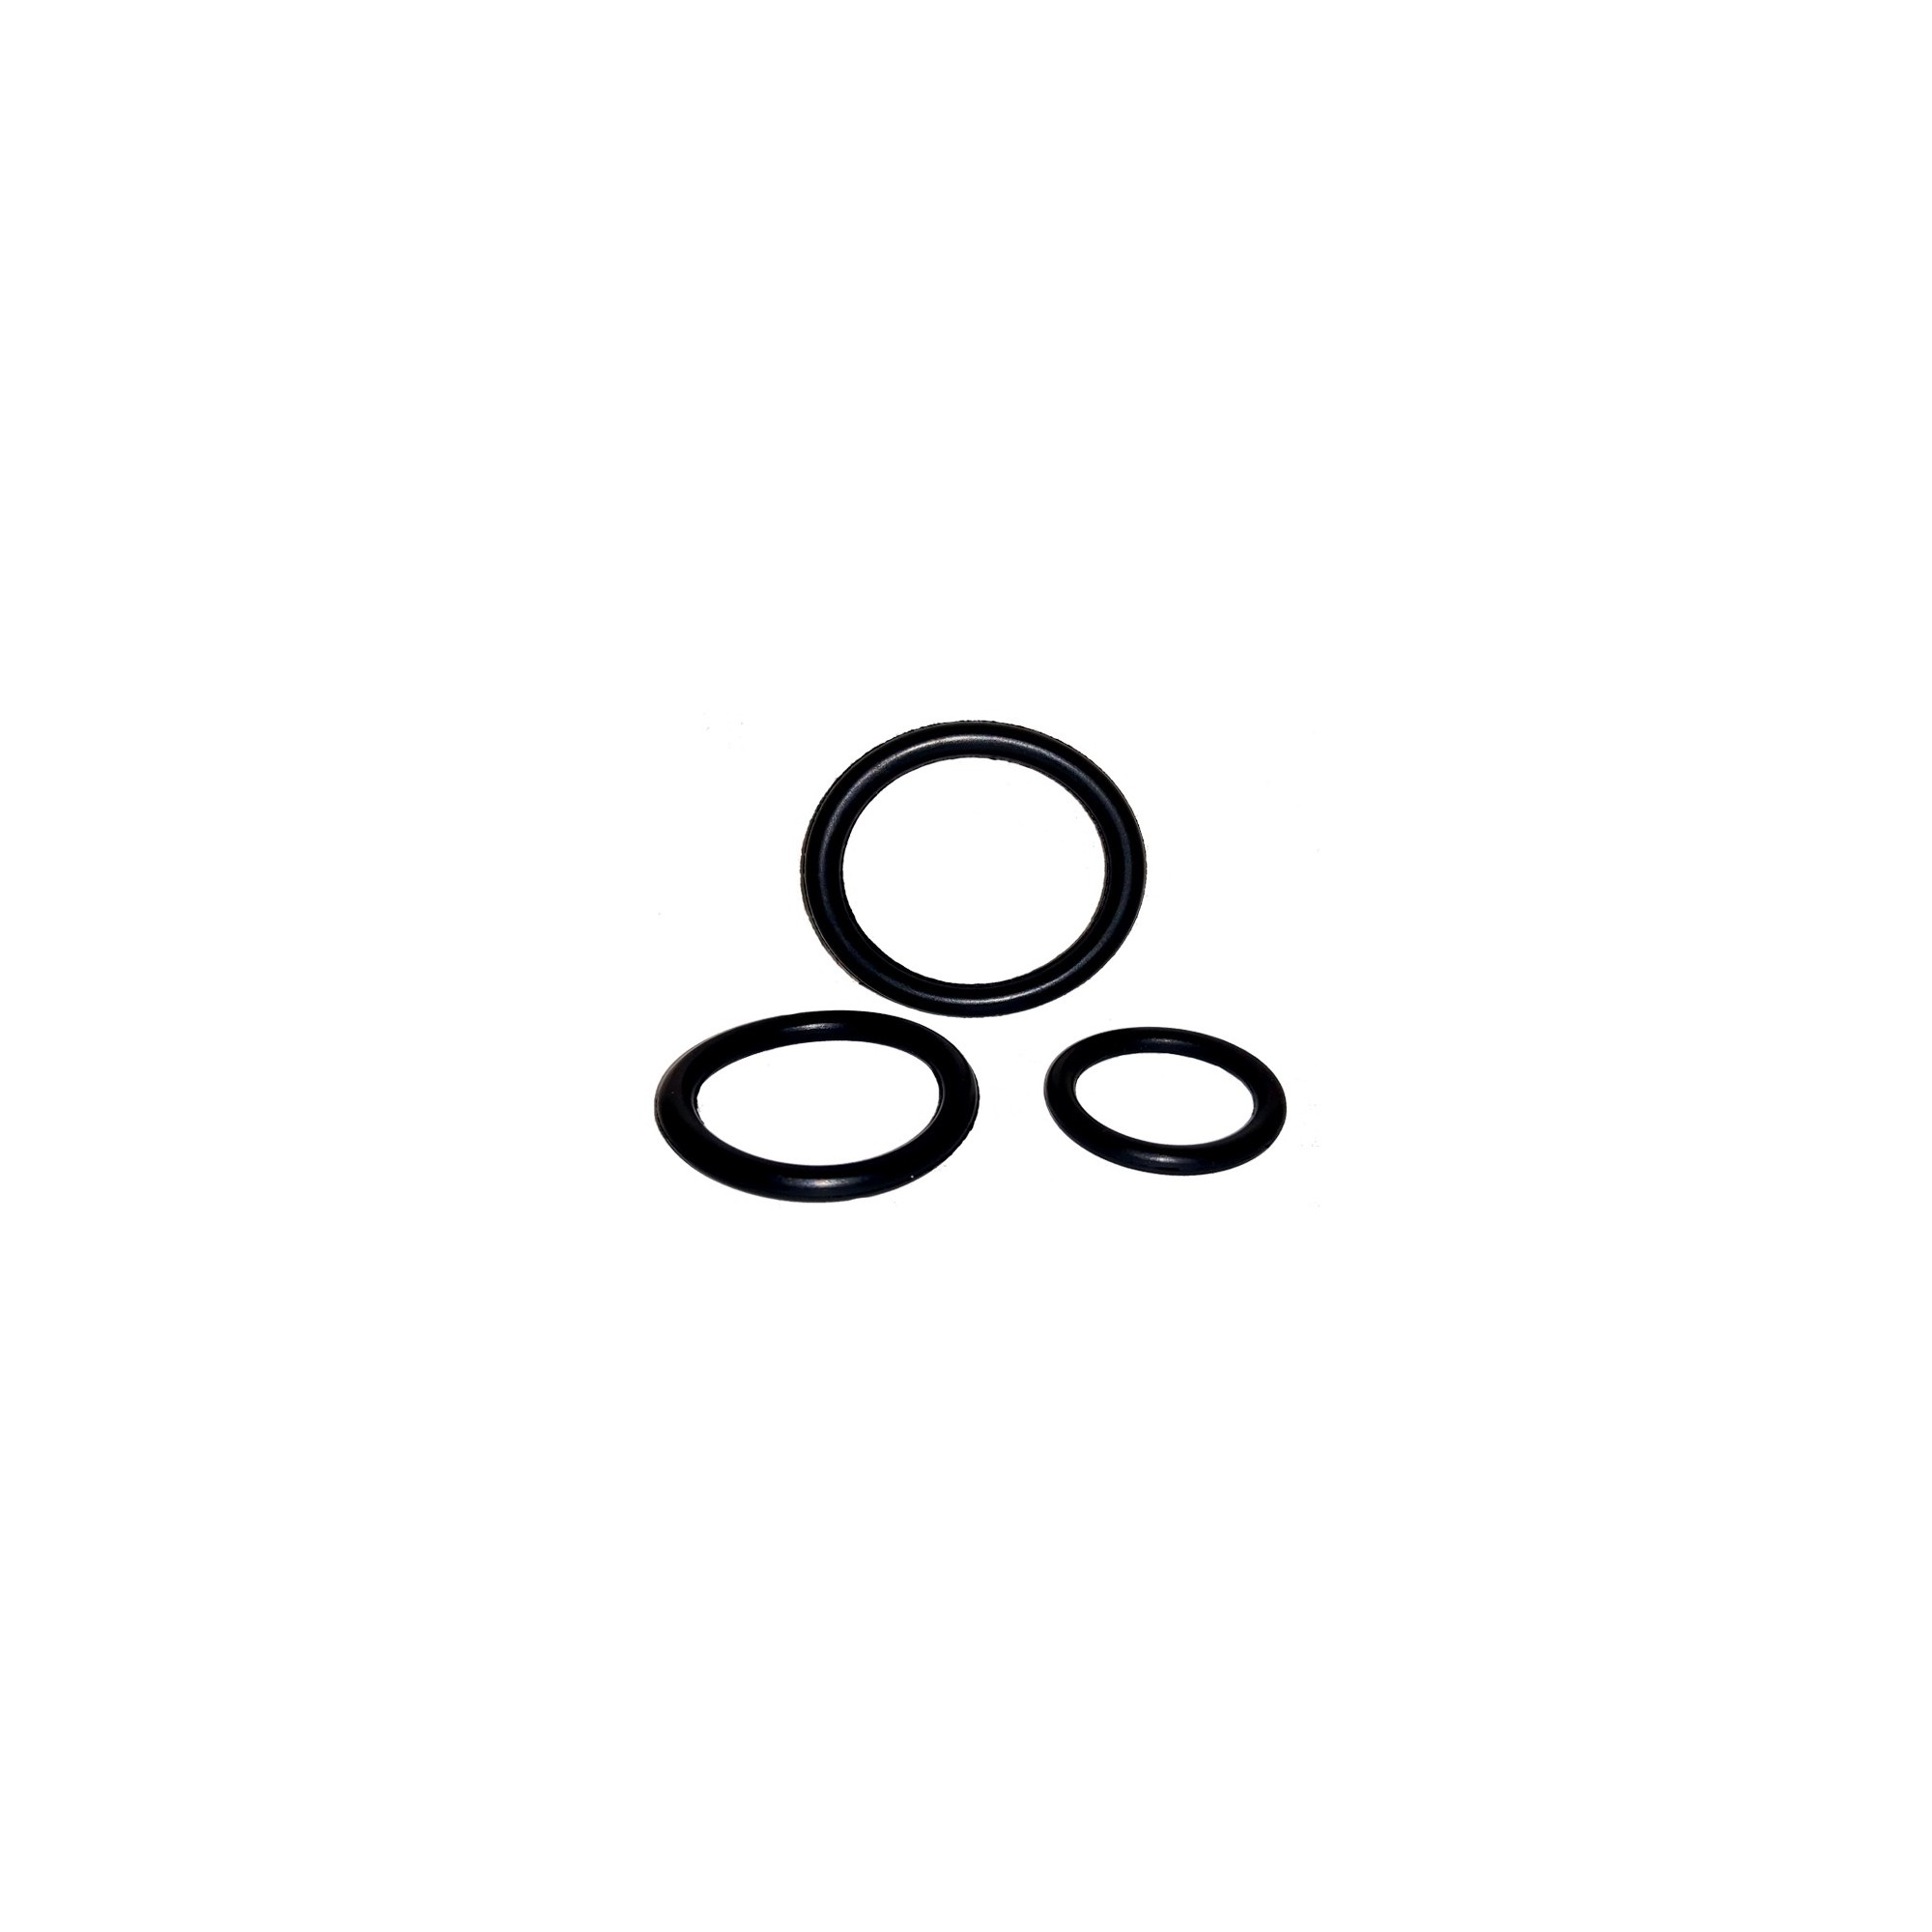 Упаковка резиновых прокладок 100 шт кольцо на фитинг kalde 20 27мм*3.5мм J.G. - 1